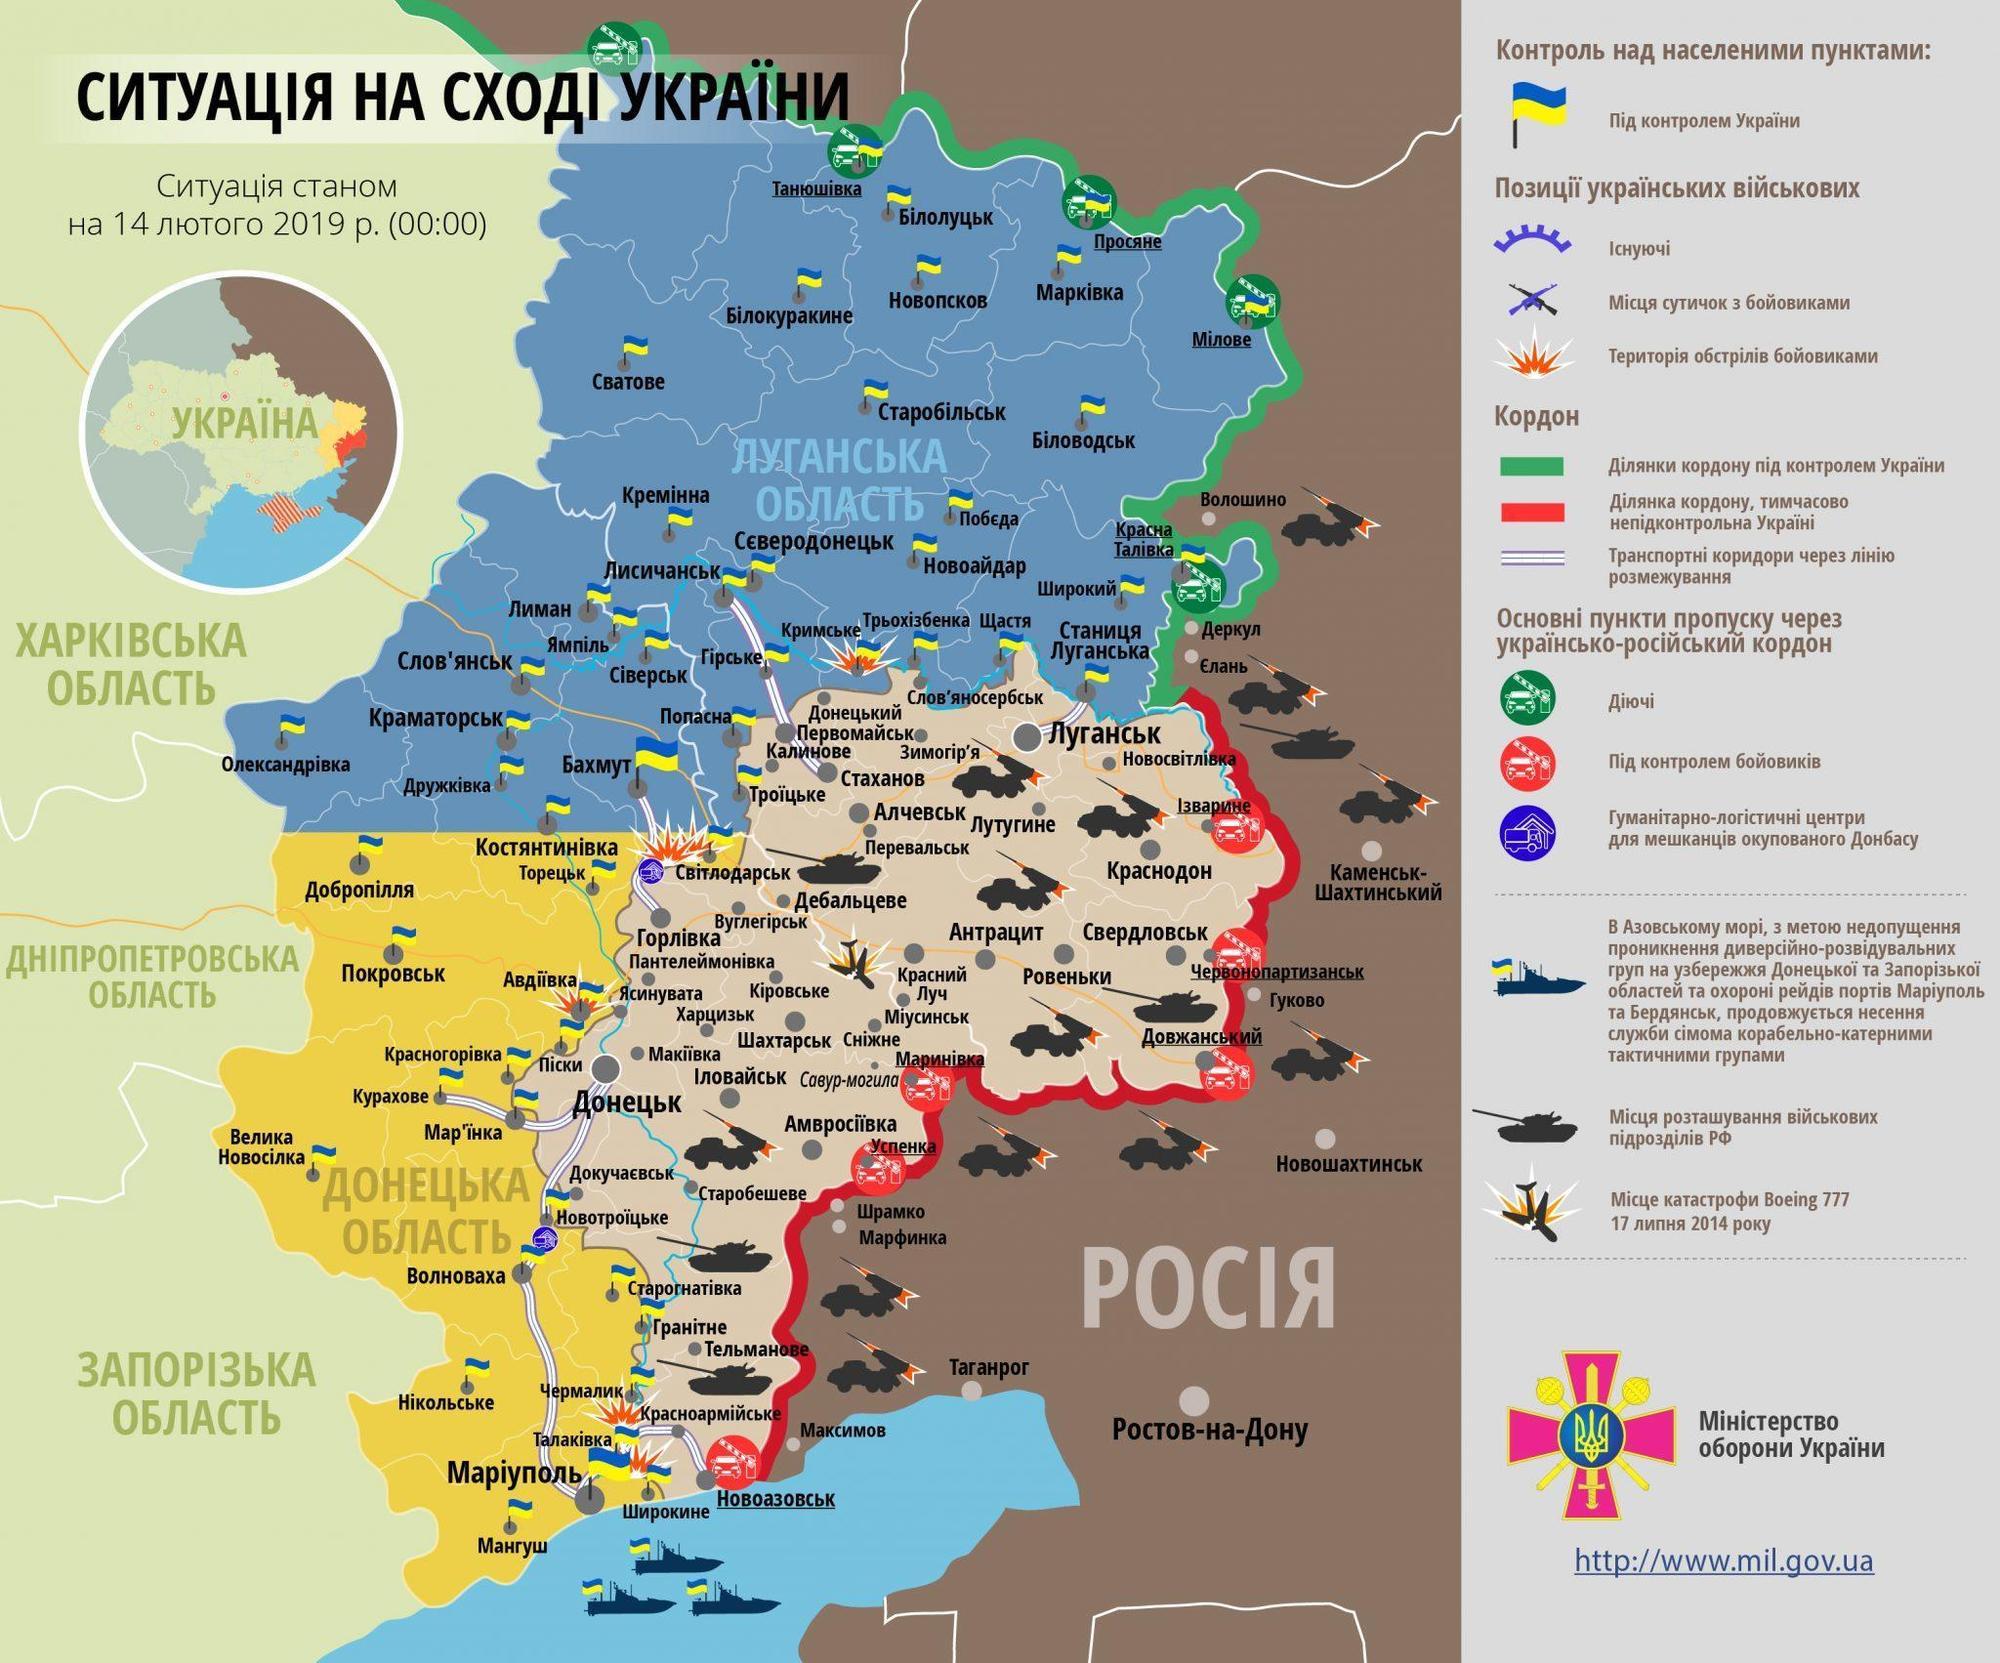 Бойовики обстріляли позиції українських військових 12 разів на Донбасі